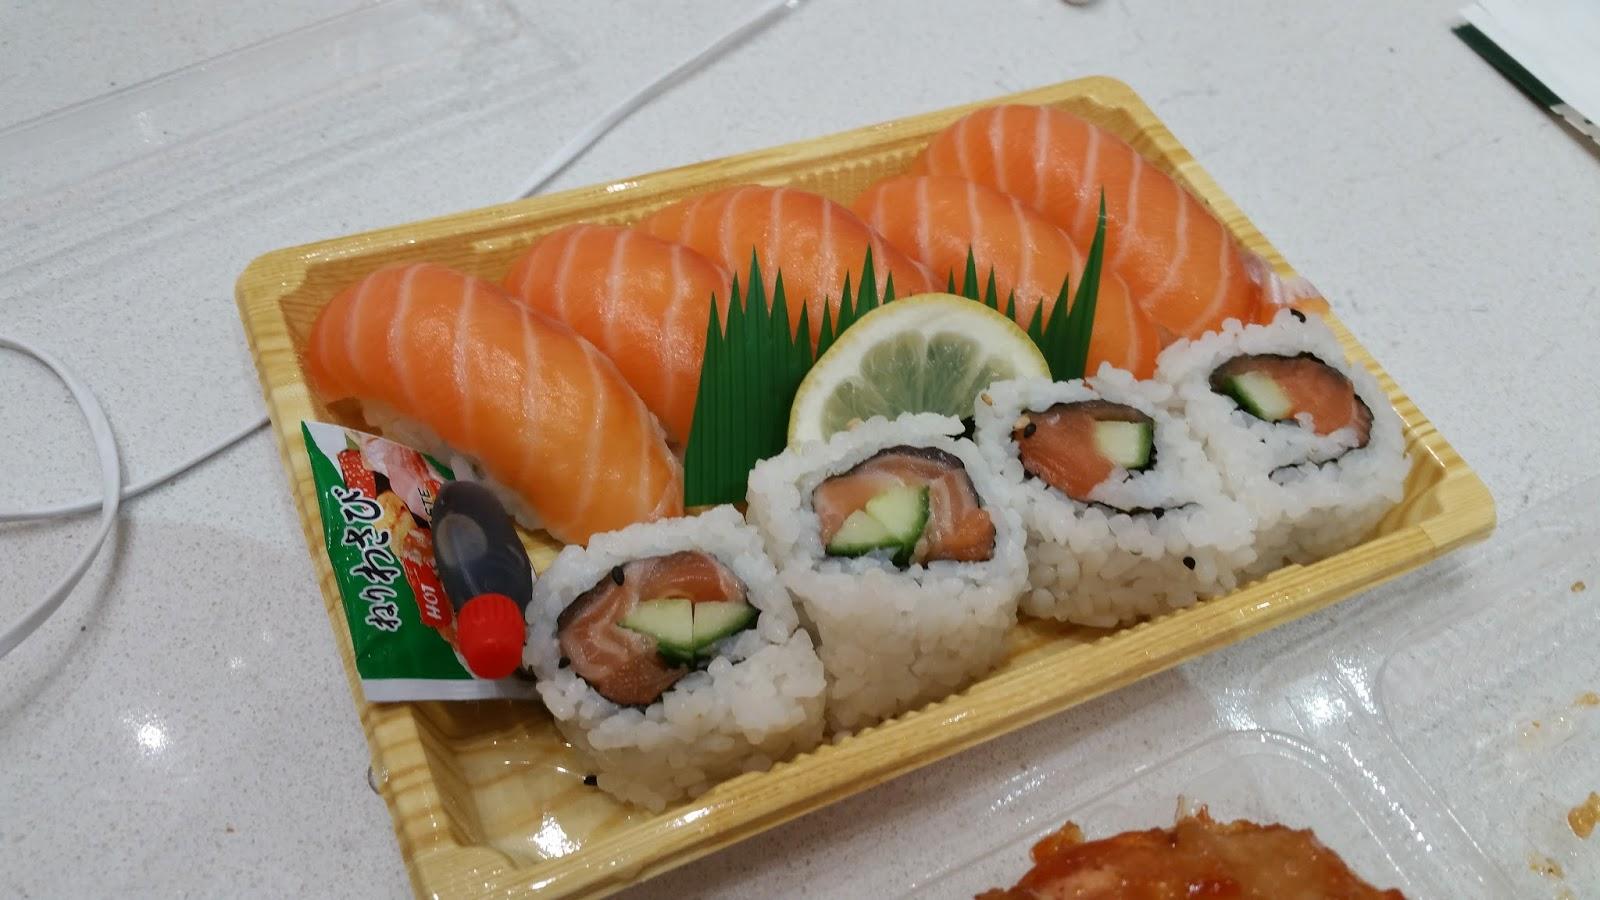 I Ate Room Temperature Sushi